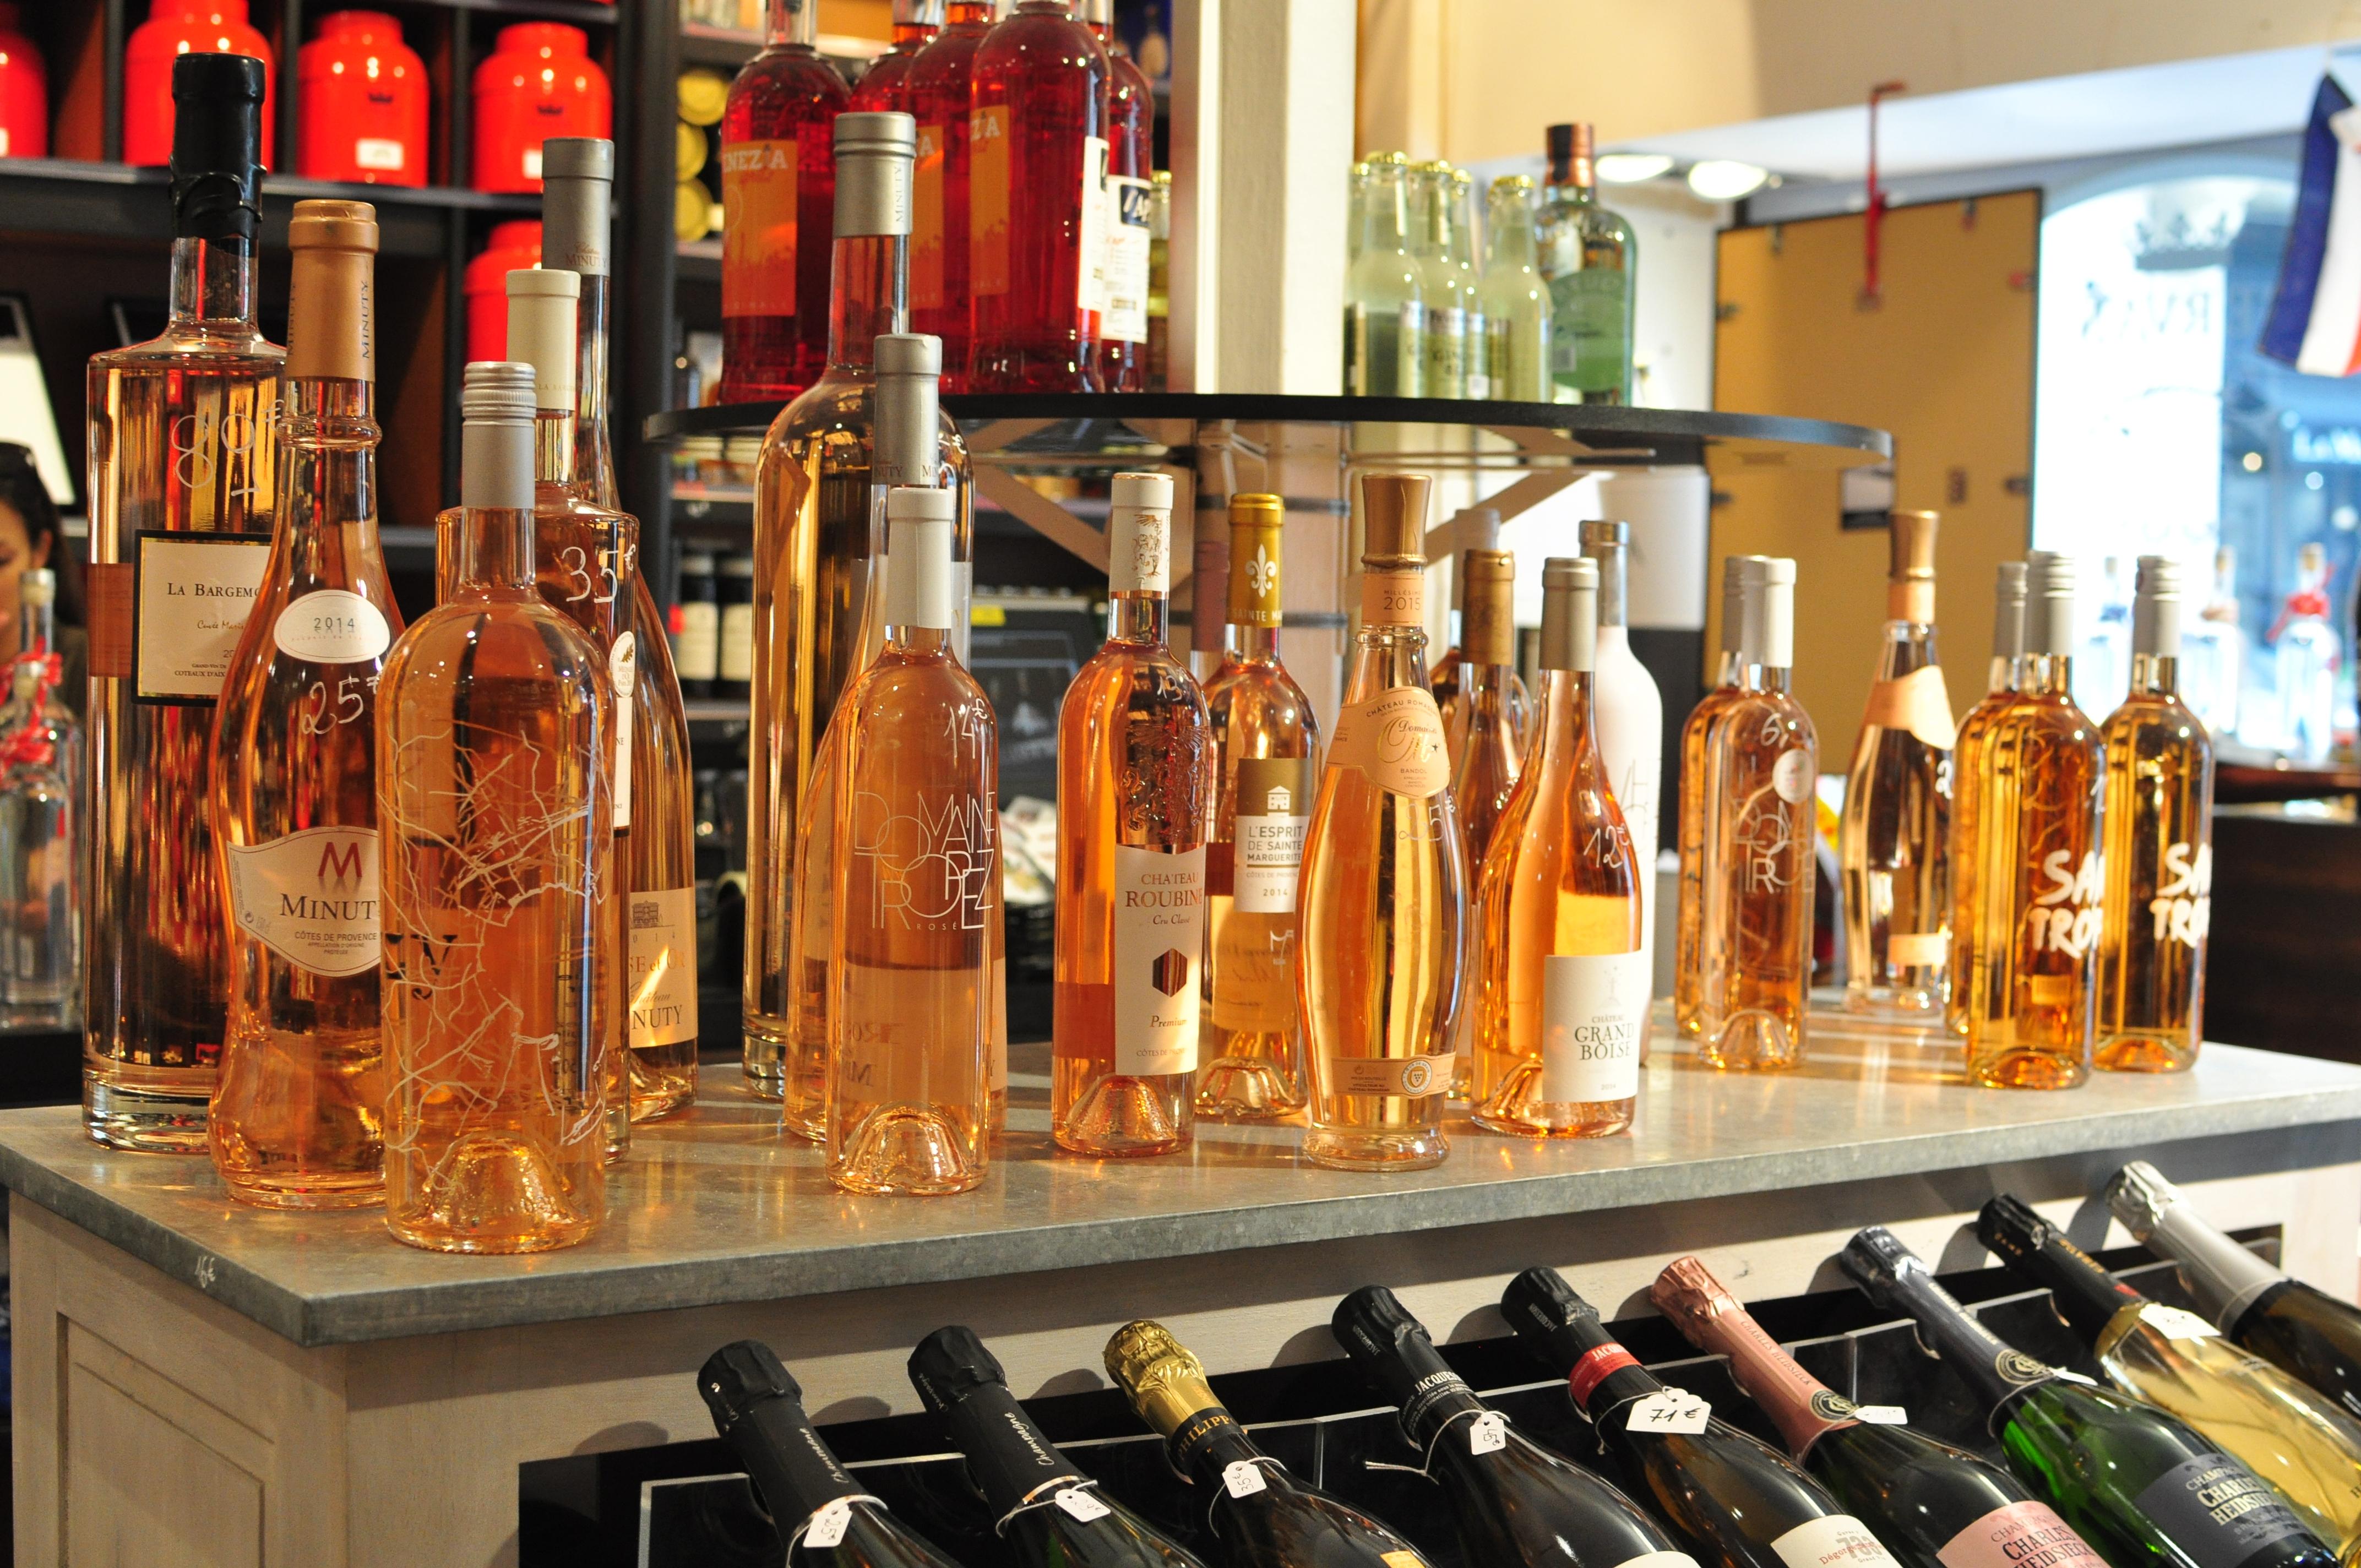 ボルドーワインの楽しみ方は、究極の「カジュアルさ」にあった